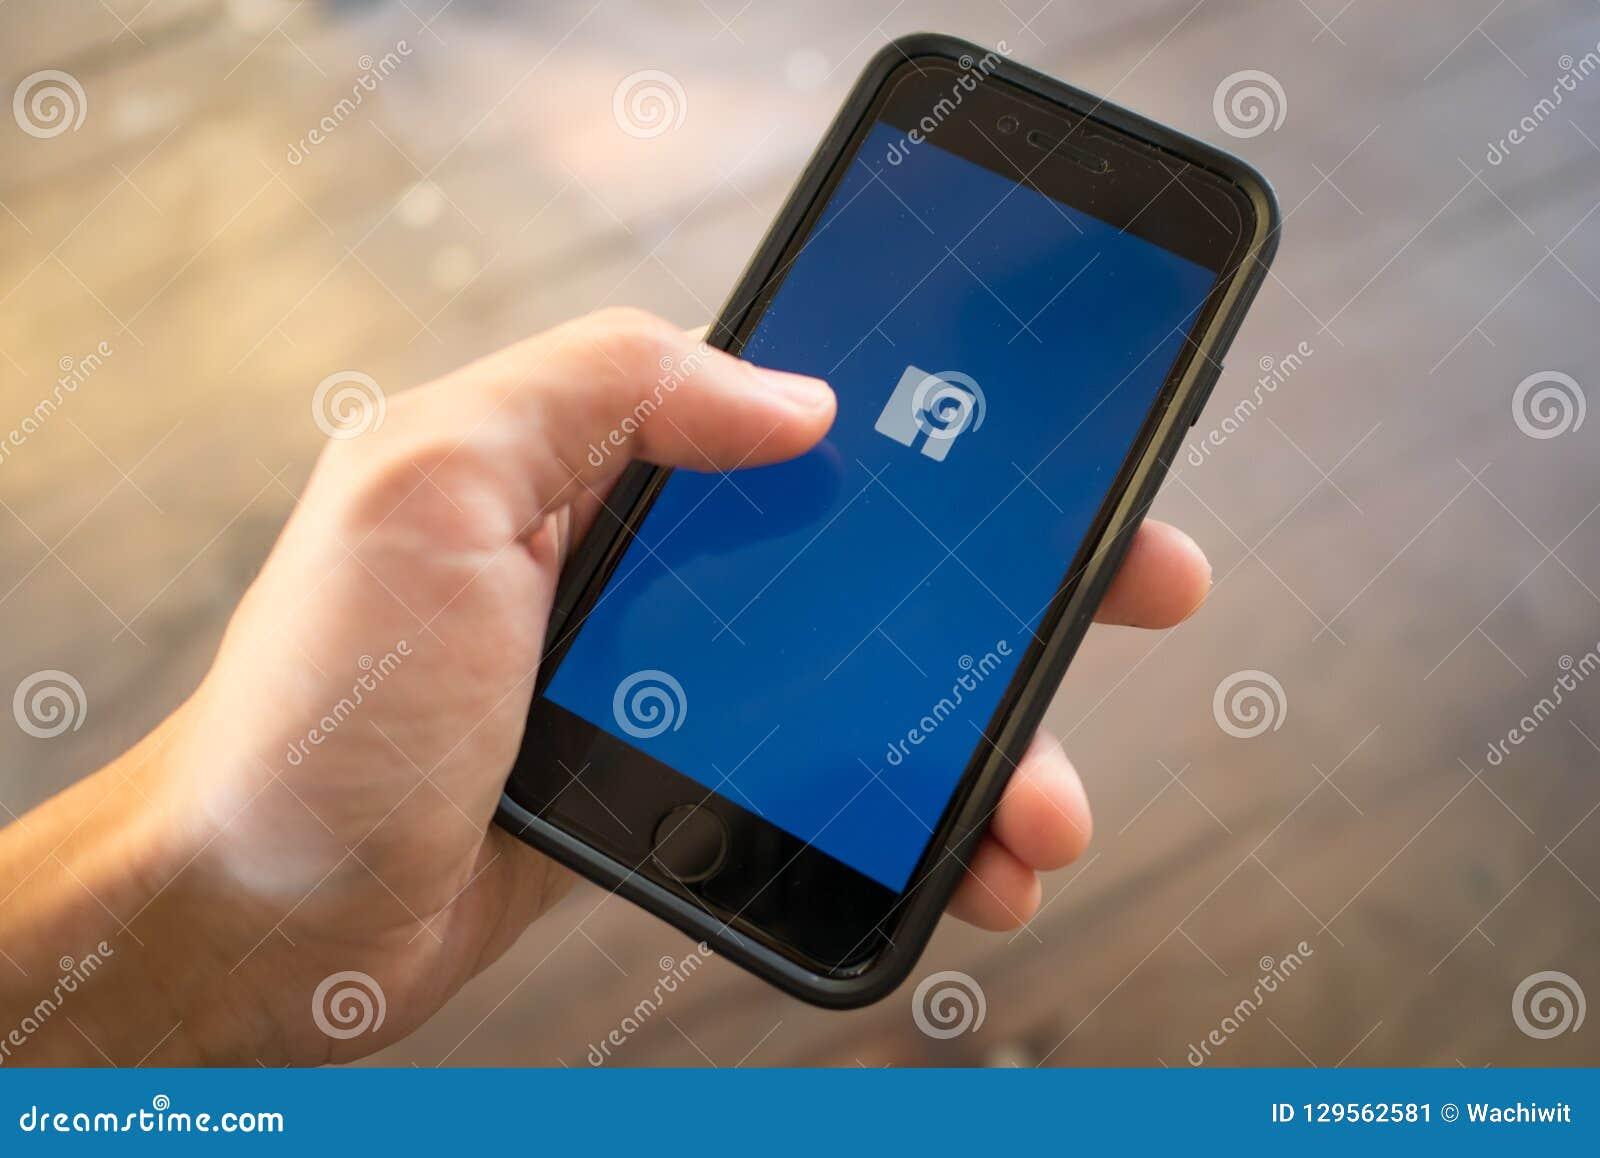 IPhone 7 trzymający w jeden ręce pokazuje swój ekran z Facebook logo